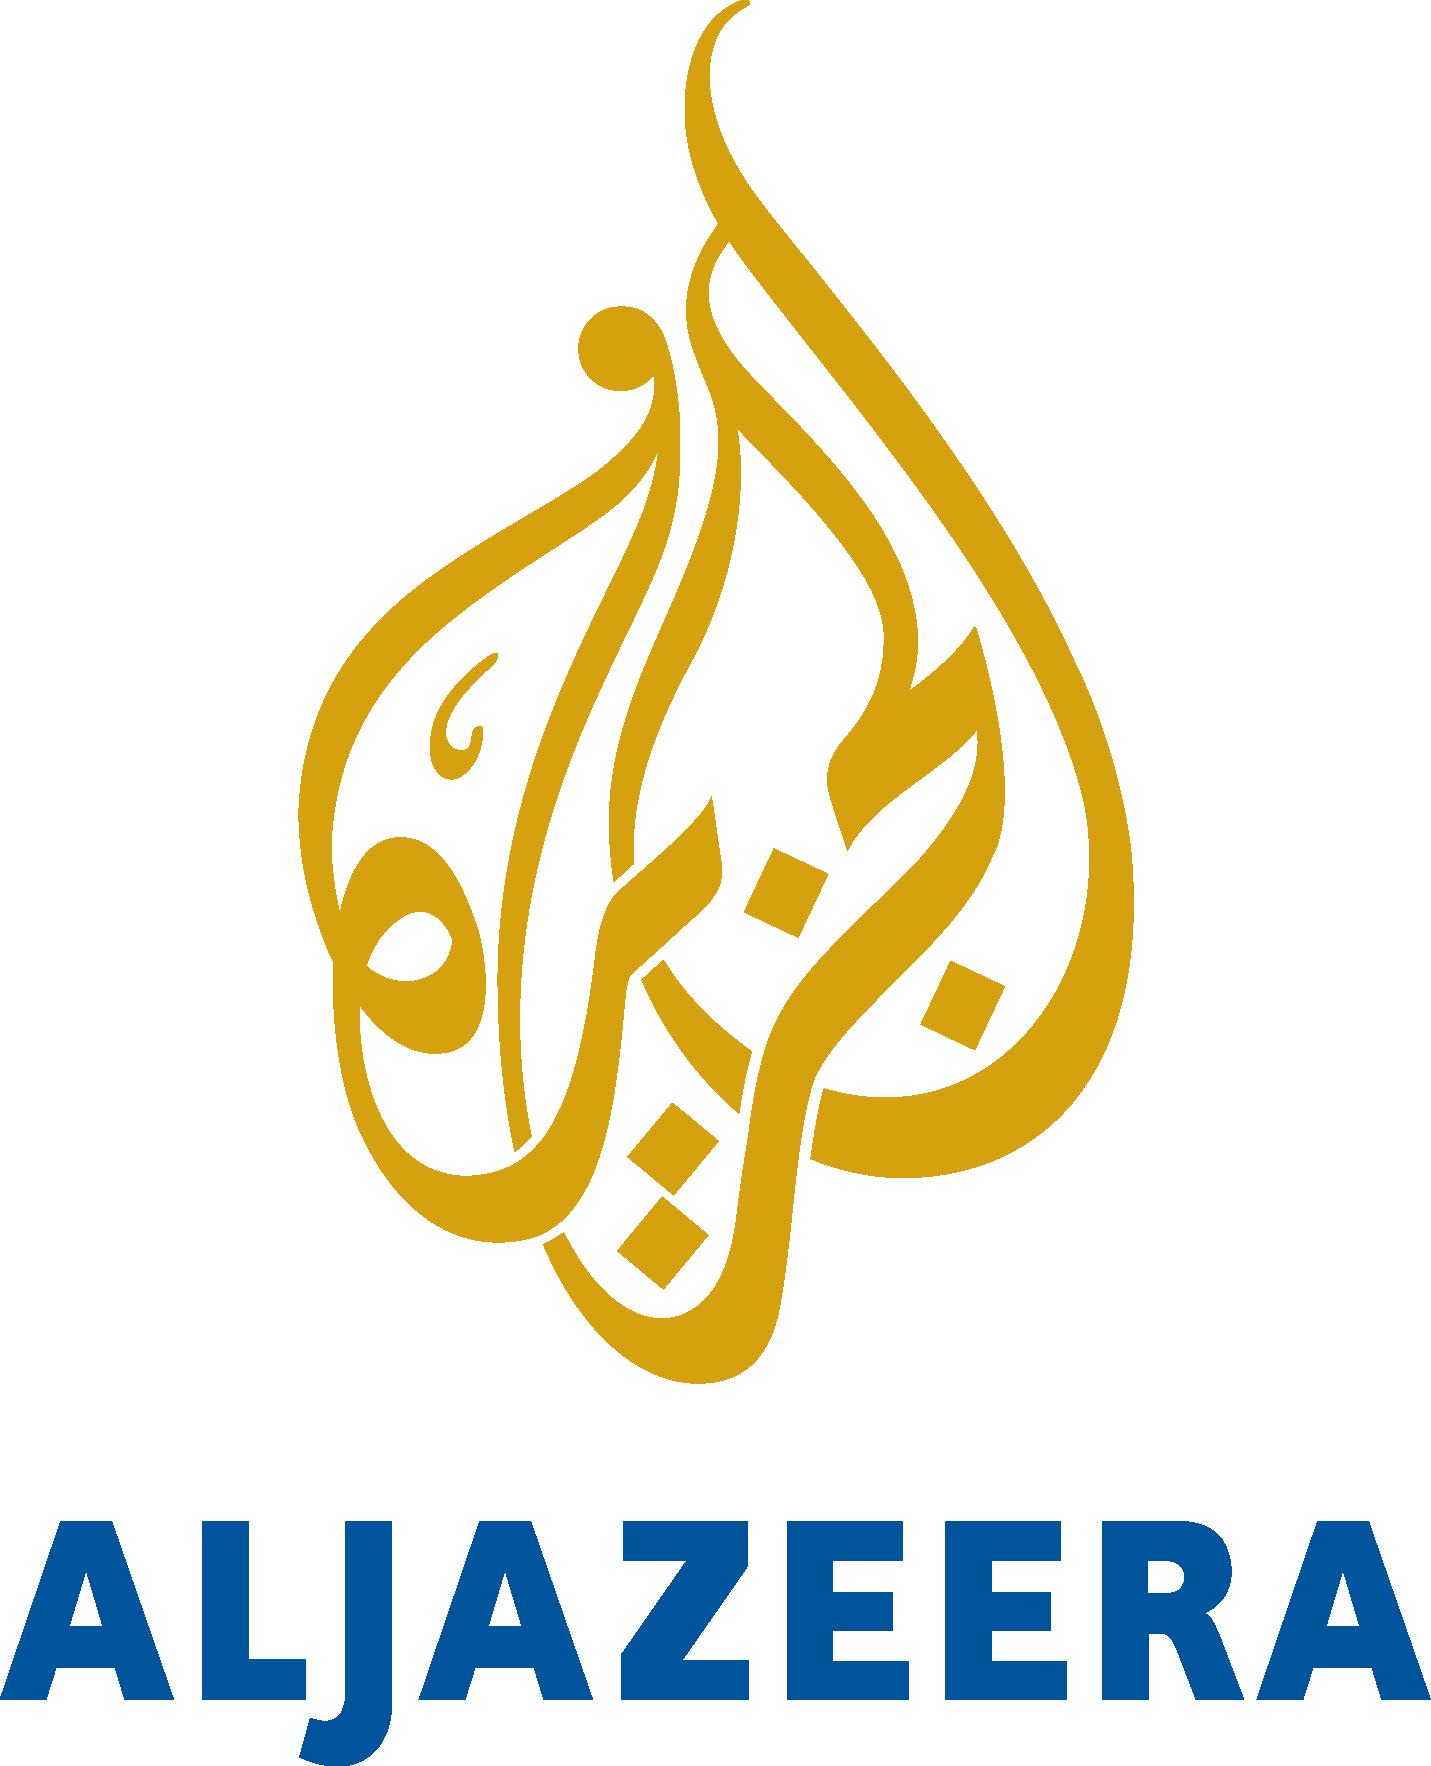 [Al Jazeera] Las Noticias del Guiñol #1 Al-jazeera-png-al-jazeera-logo-1431